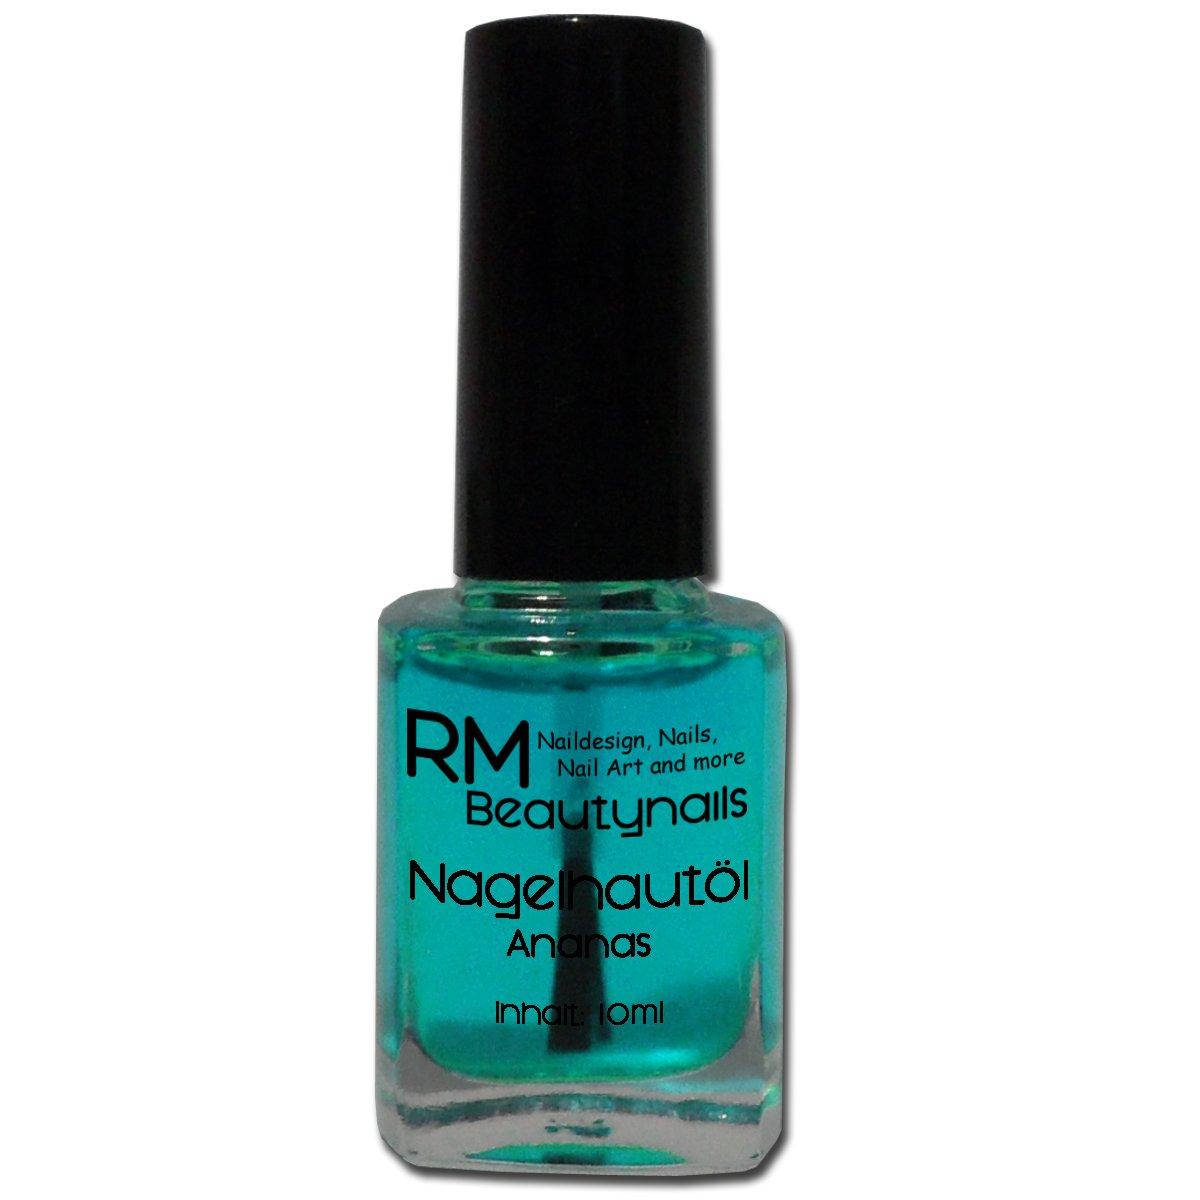 RM Beautynails Nagelöl Nagelhautpflegeöl Nagelhautöl Duft: Ananas